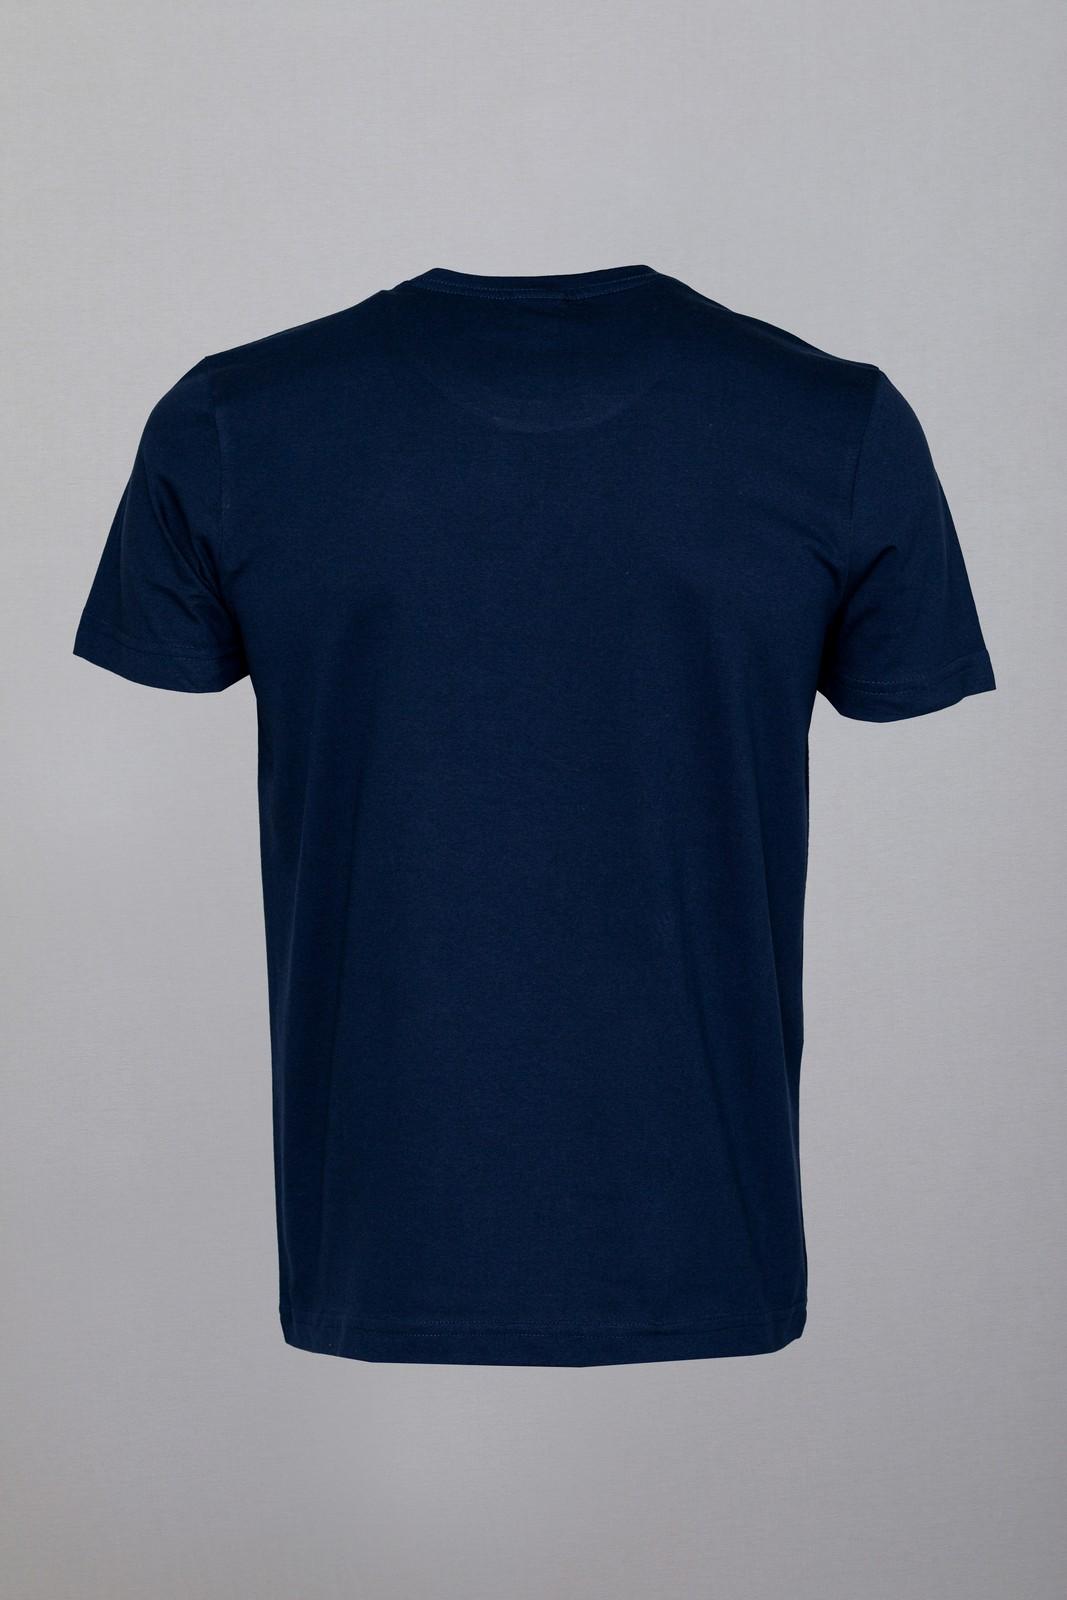 Camiseta CoolWave Básica Marinho